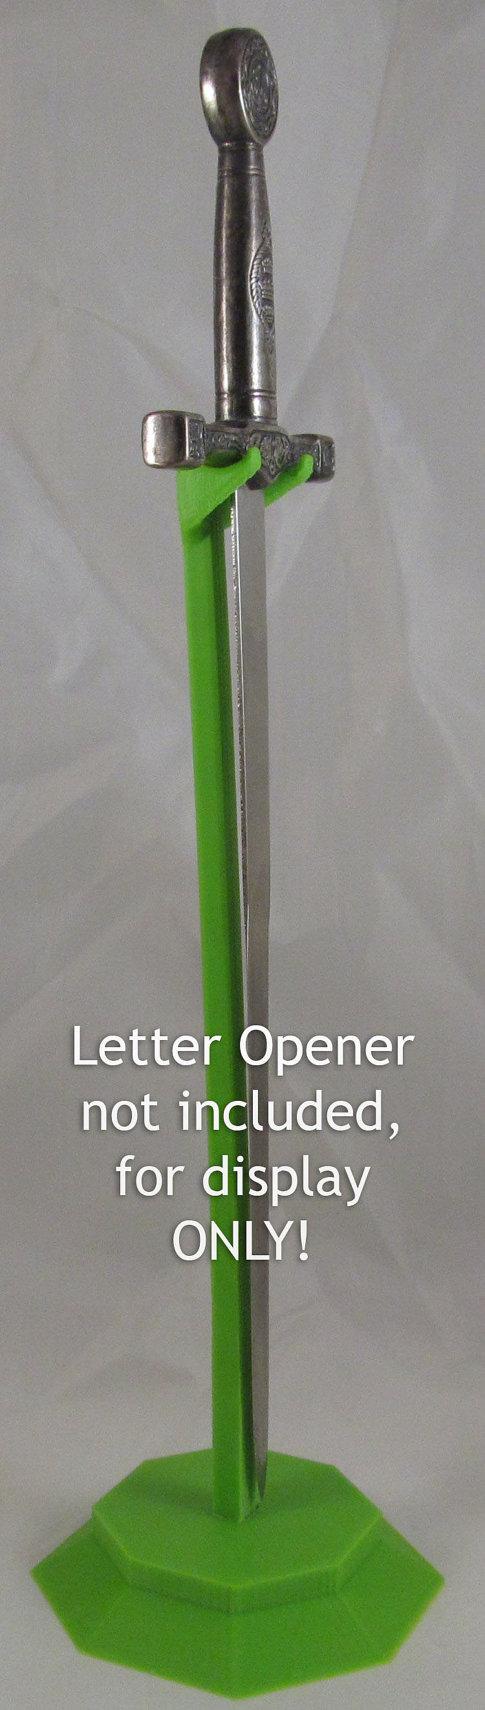 3D Printed Dagger Stiletto Letter Opener Sword Desk Shelf Display Hanger Stand Green